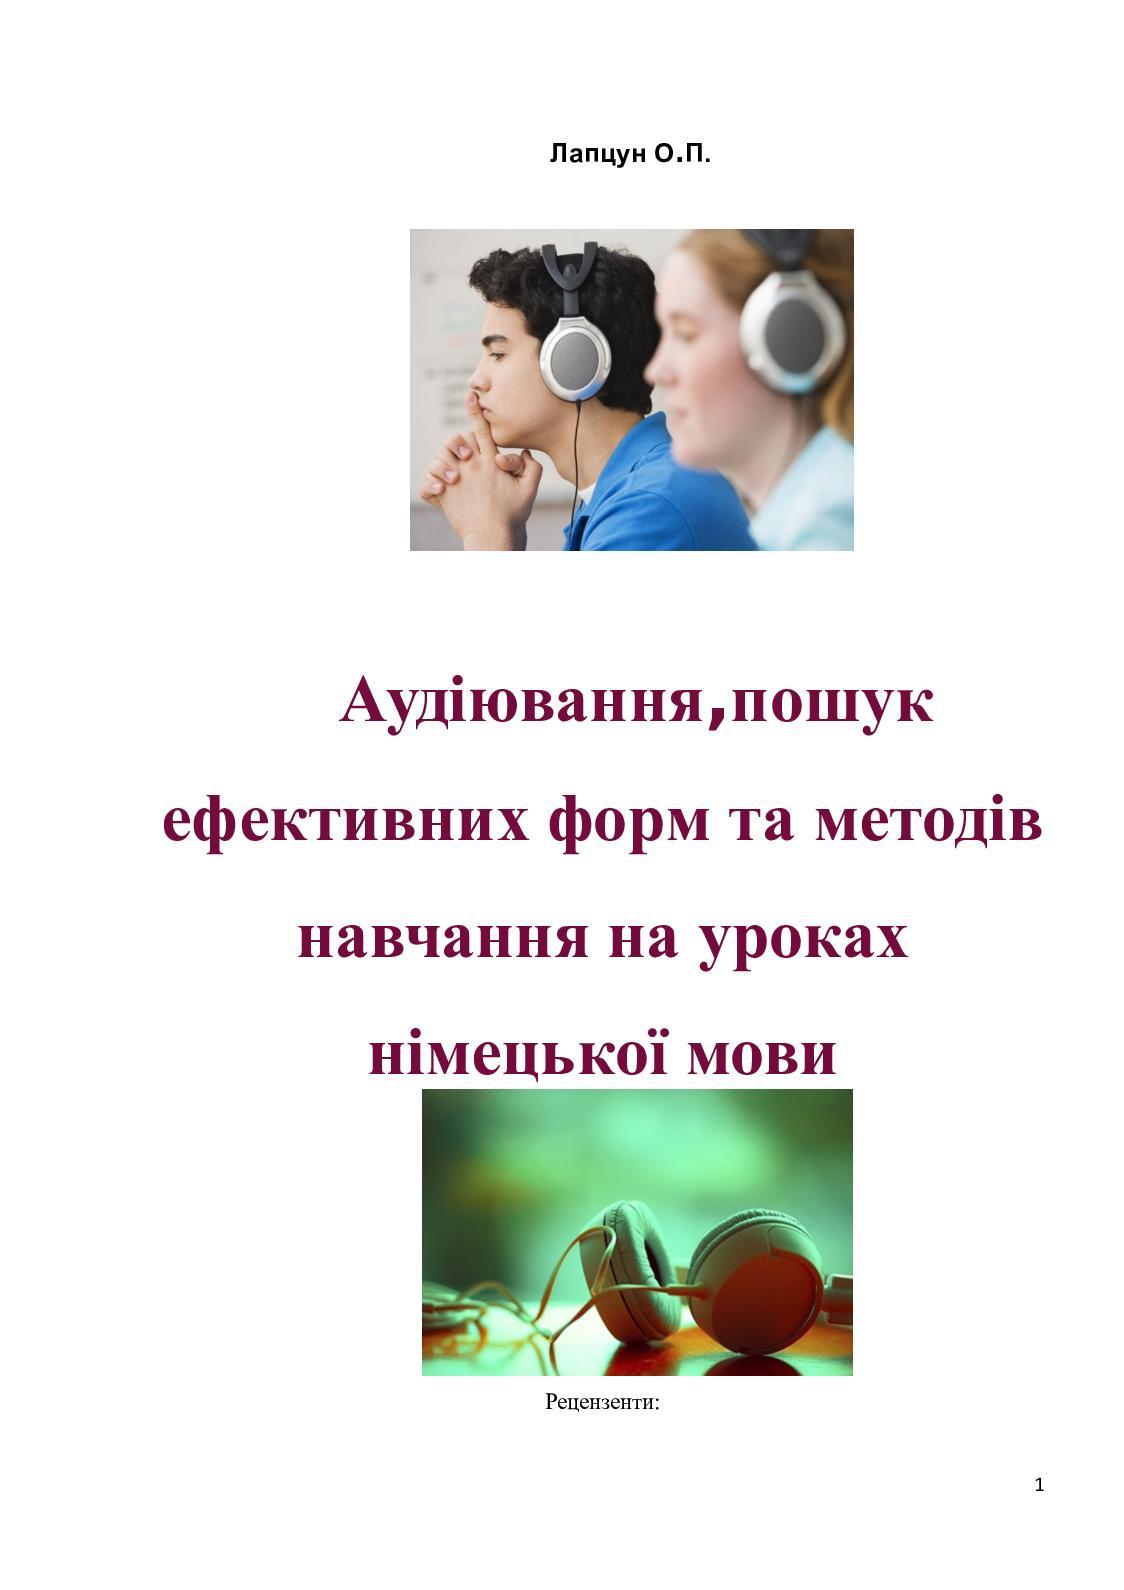 Навчально методичний посібник (Лапцун О П )